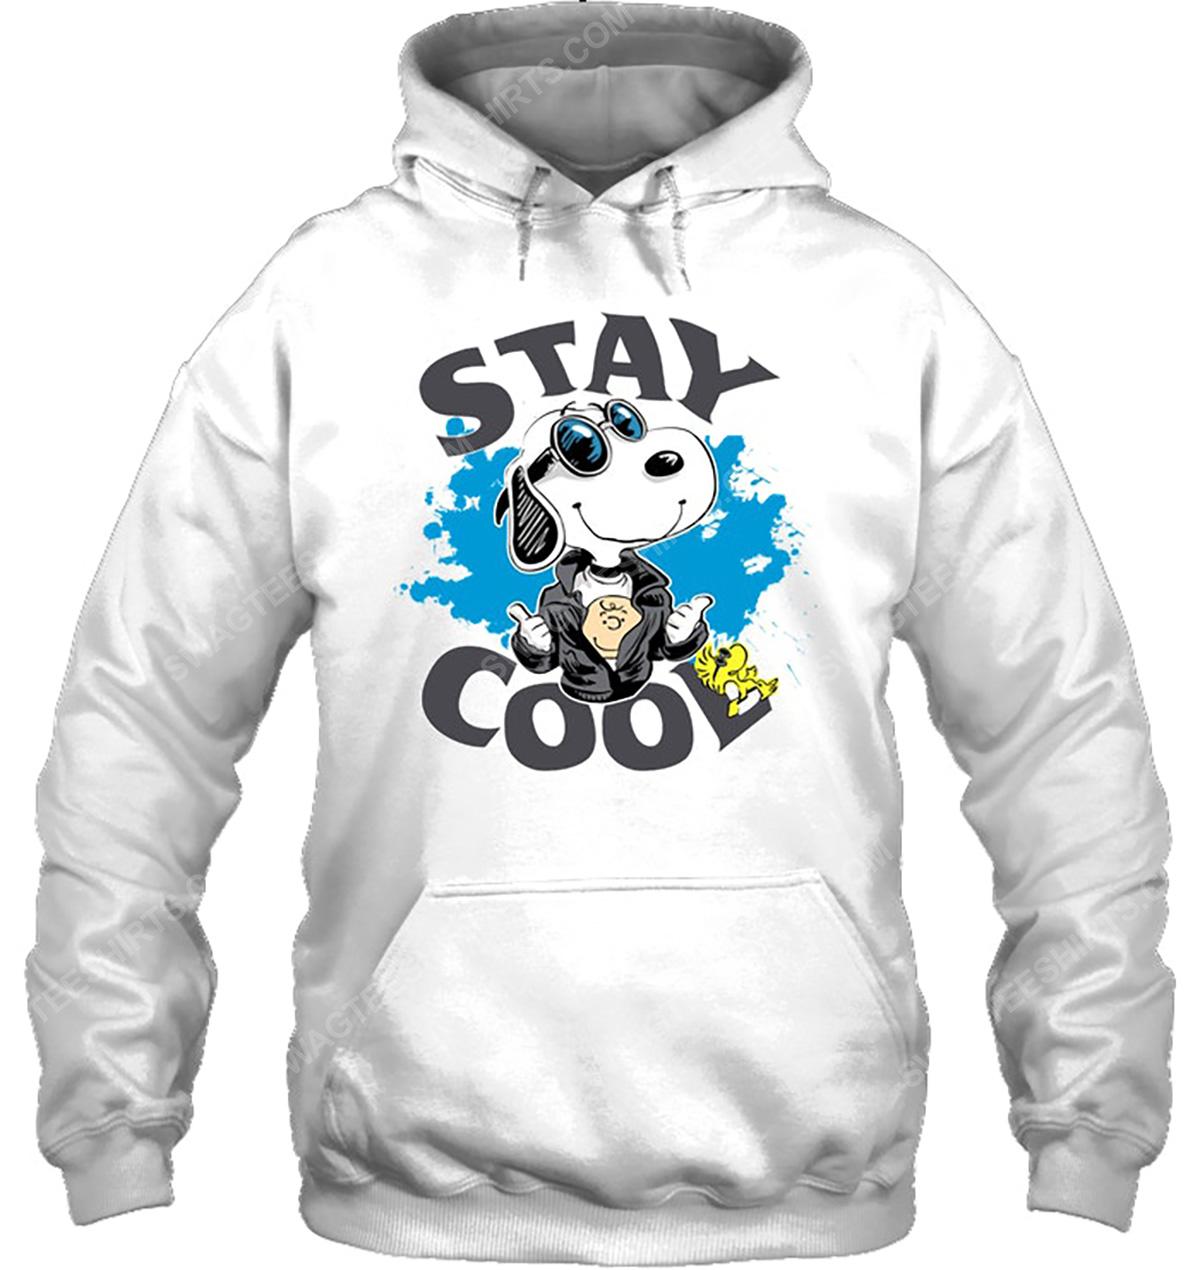 Charlie brown snoopy and woodstock stay cool hoodie 1